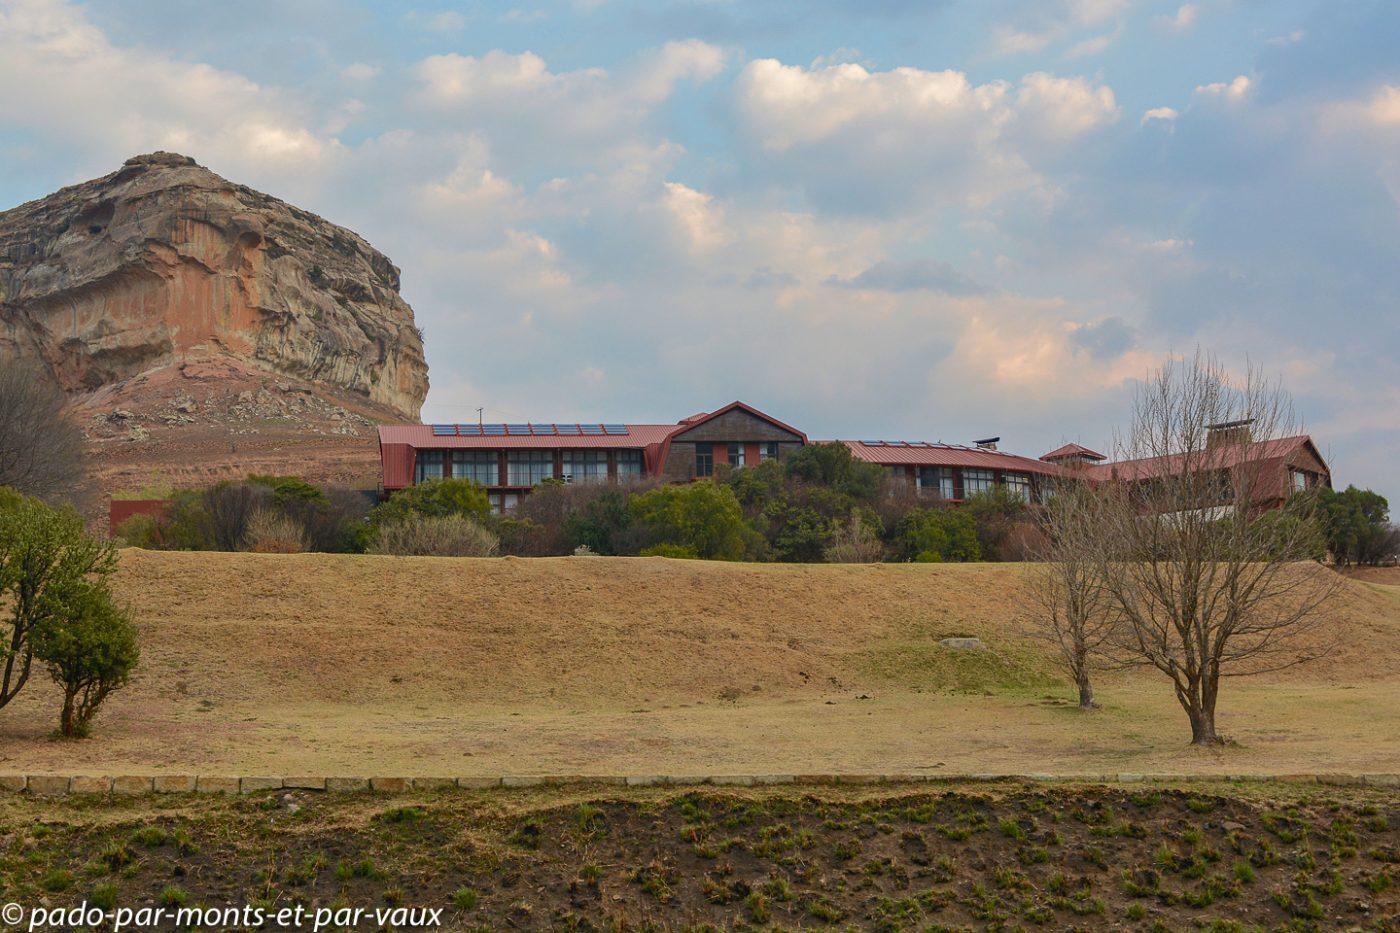 Afrique du Sud - Golden gate hotel